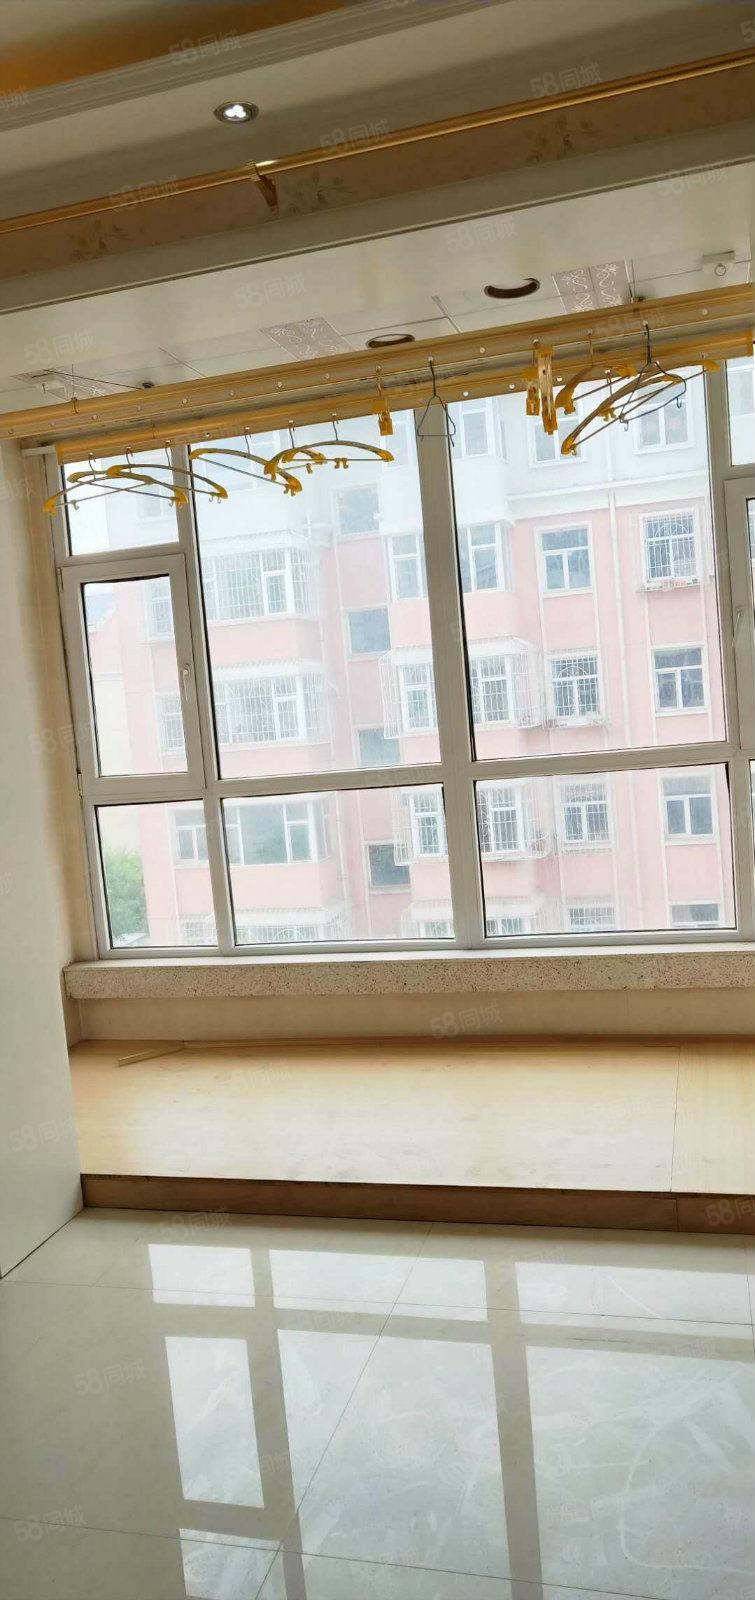 急售厚德園新裝修四樓,可貸款,費用全清,拎包入住